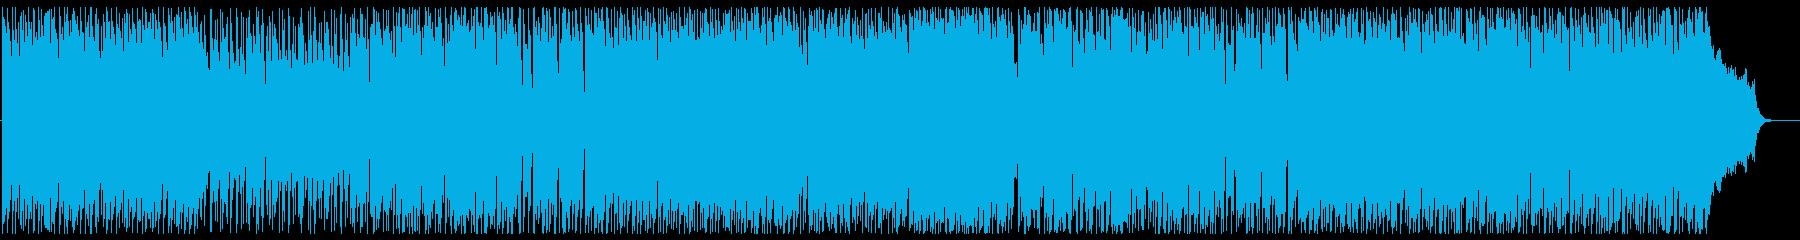 軽快でスタイリッシュなメロディーの再生済みの波形